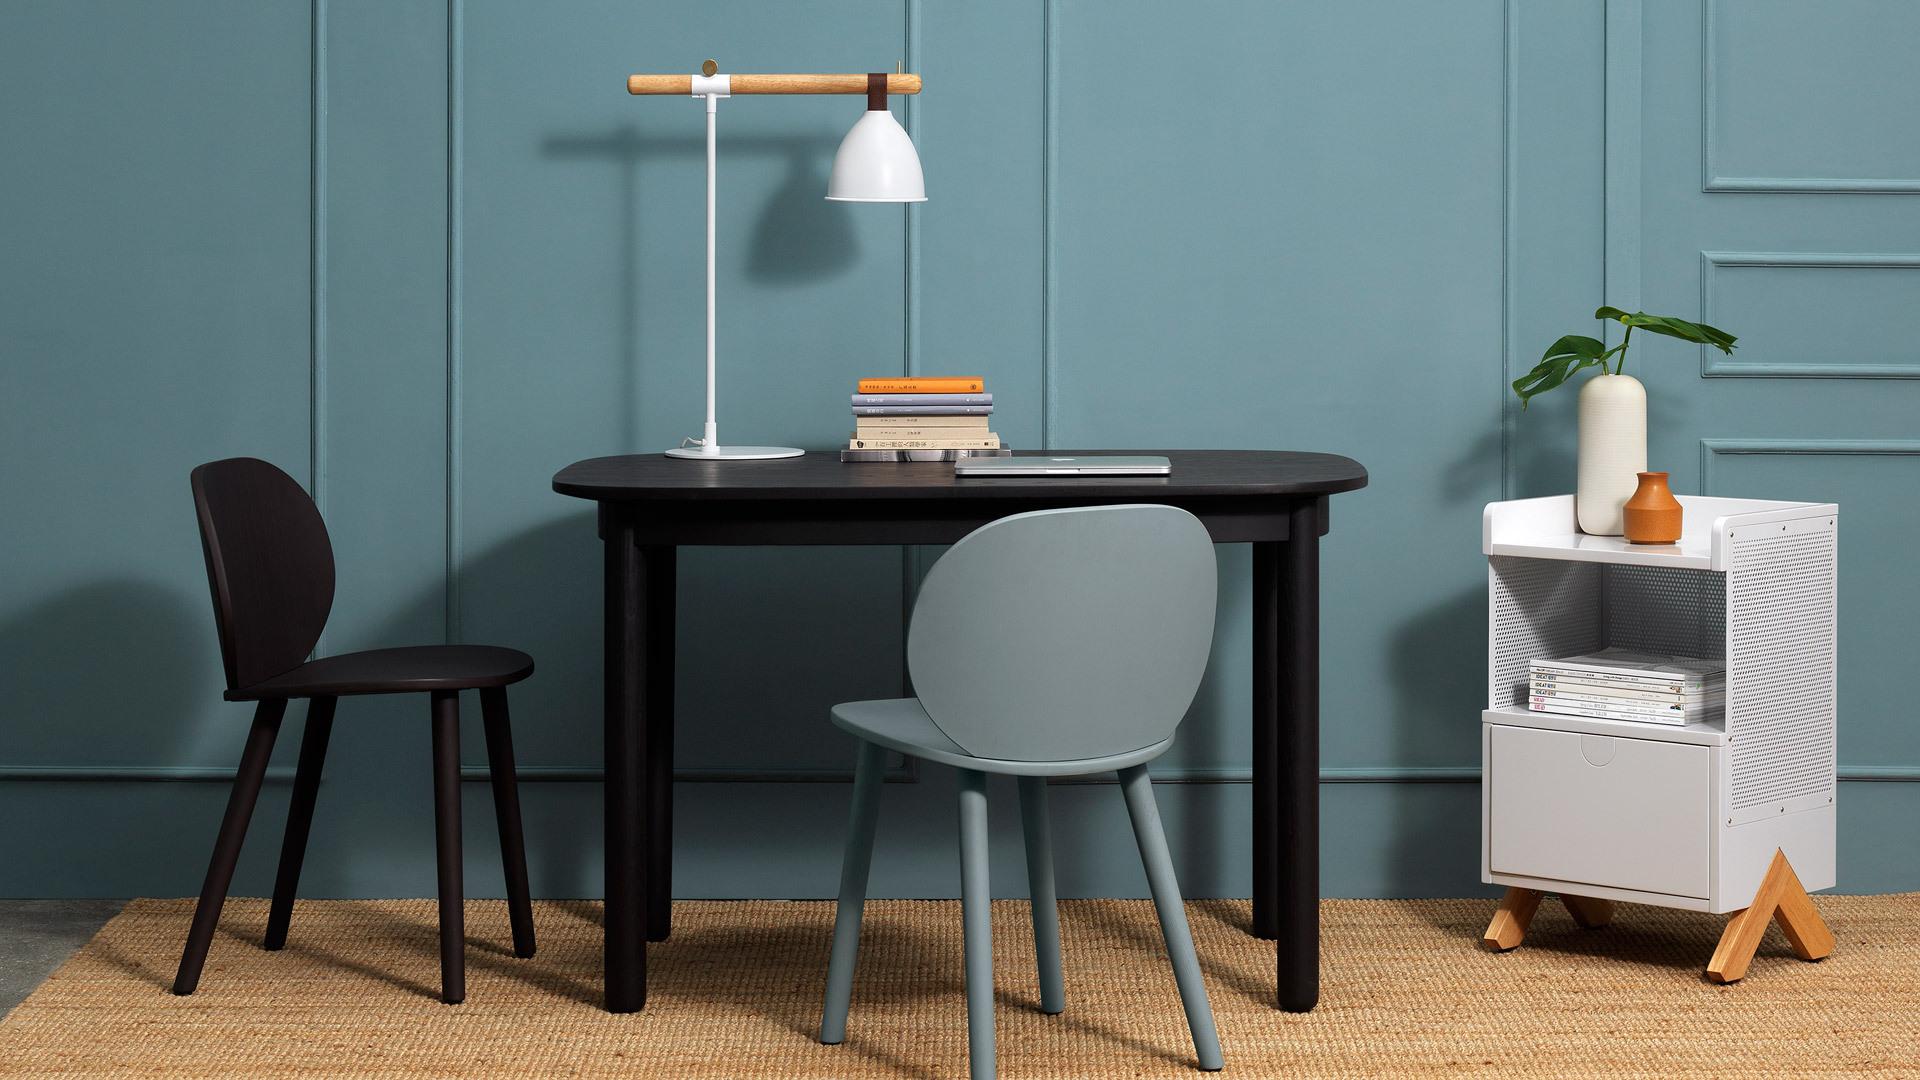 误差小于1mm的隐藏走线工艺,及要求力学平衡的仿铃铛灯罩悬挂方式,造就了朴实收敛的外形,与任意风格的桌面自然融合。